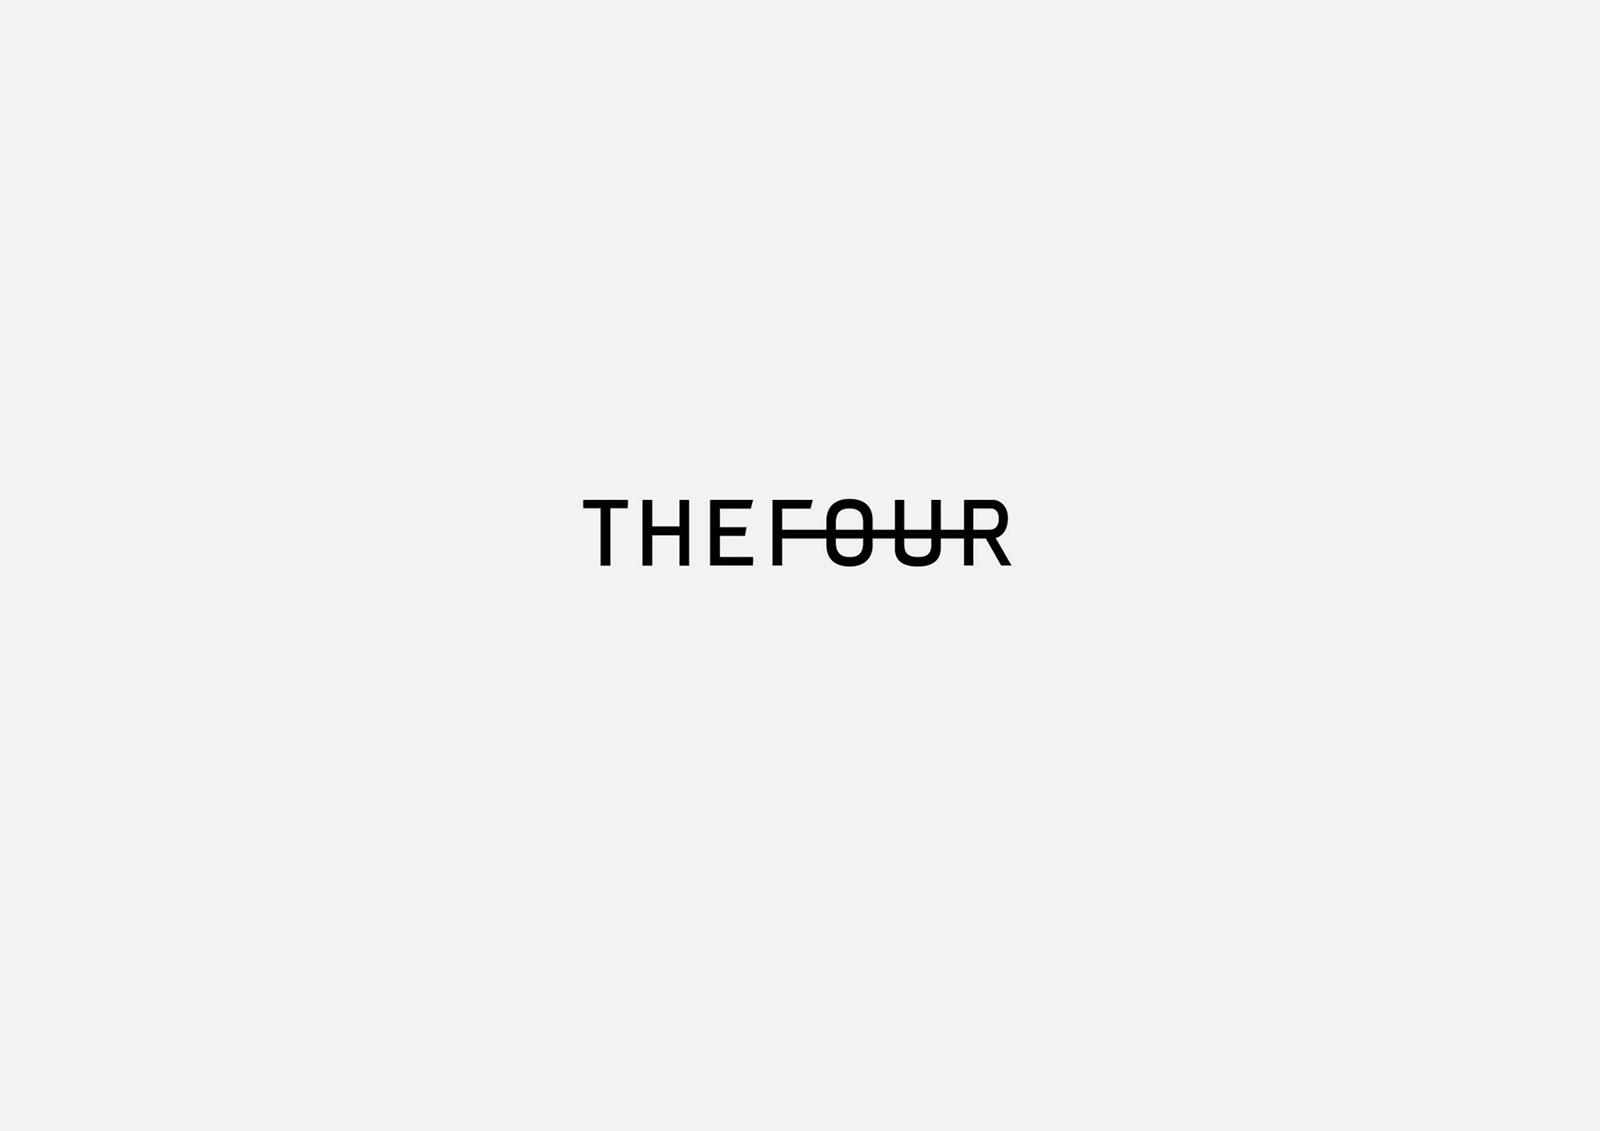 derieniko_thefour_02.jpg